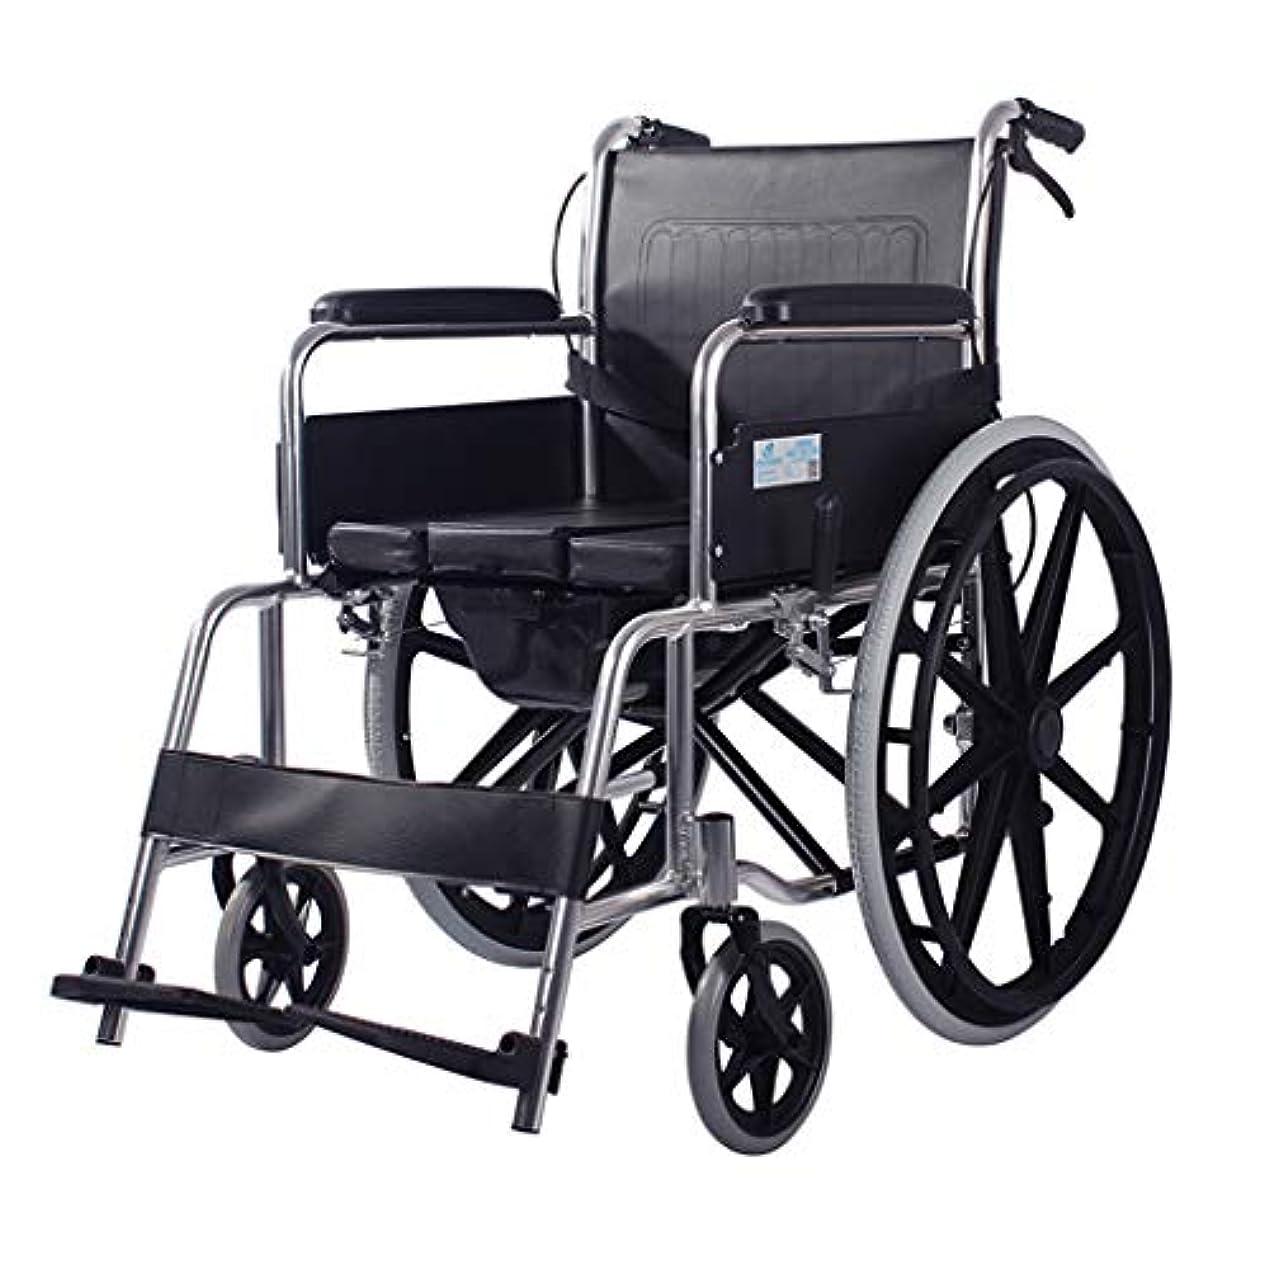 さわやかスペルなめらかな車椅子折りたたみ式および4ブレーキ設計、高齢者および身体障害者用のモバイルトイレ